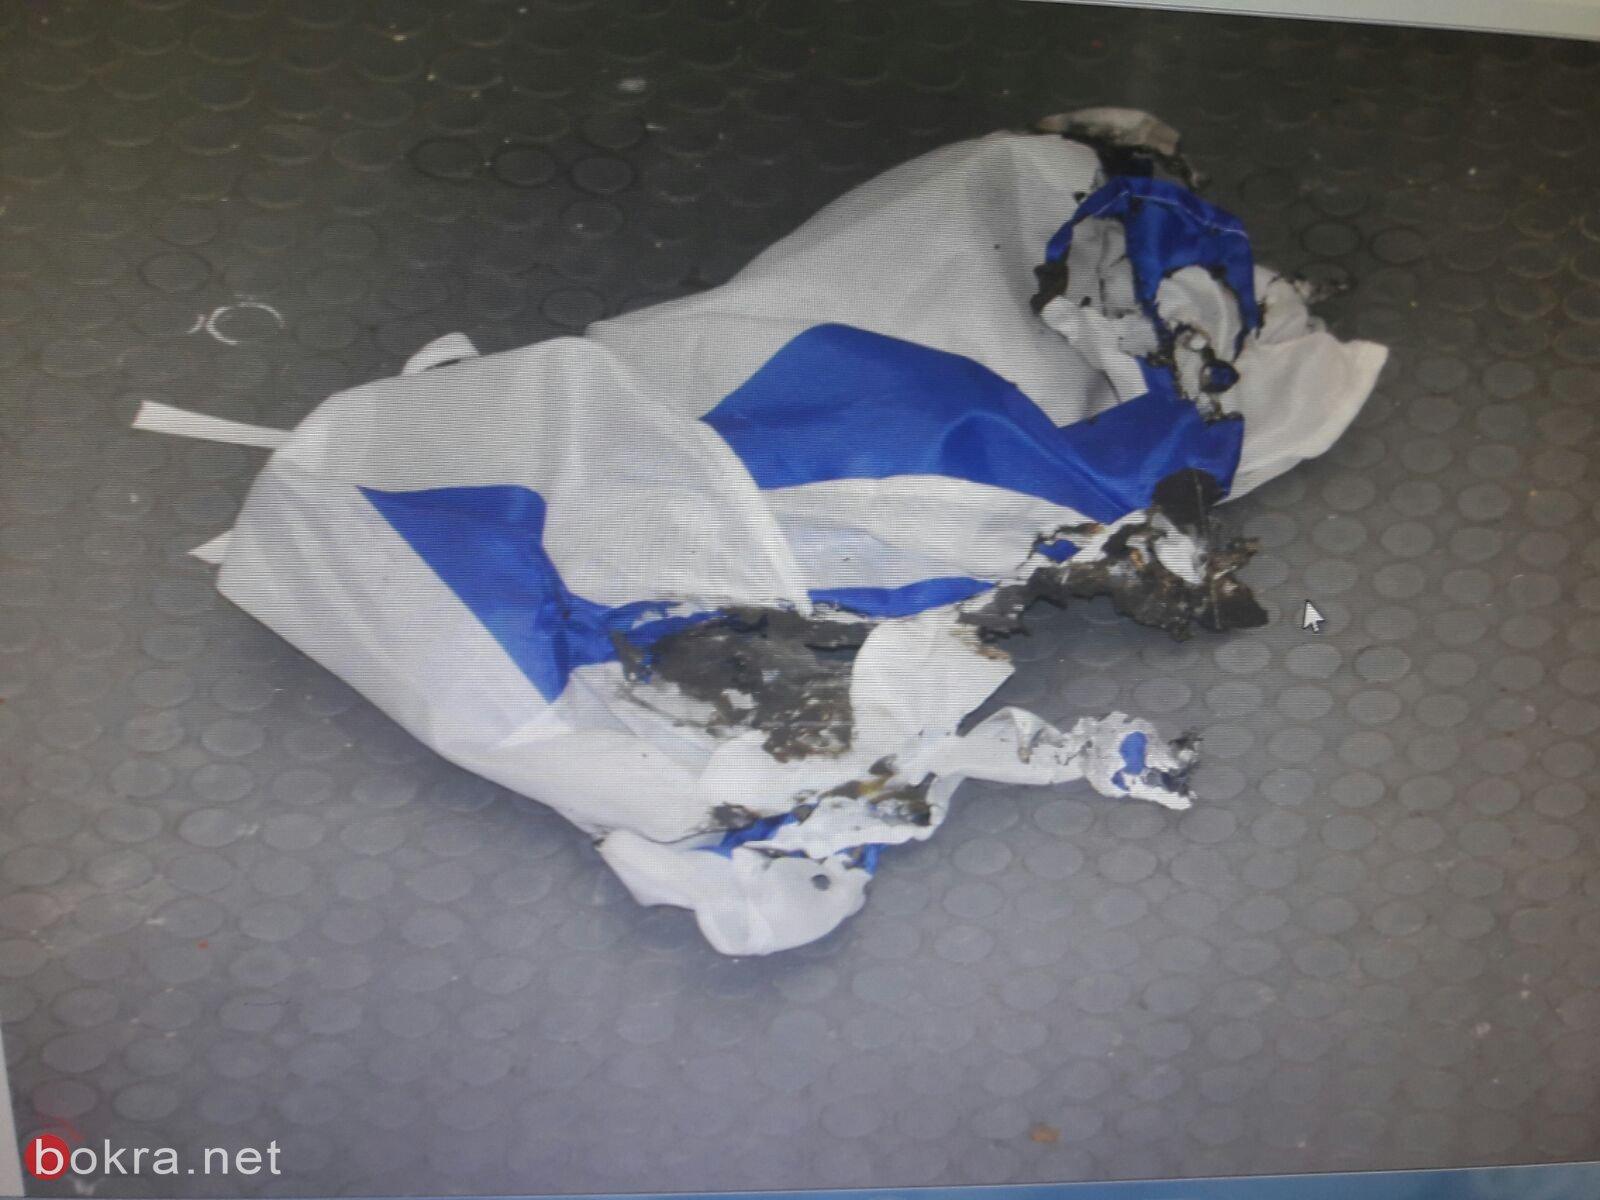 الشرطة: صلبان معقوفه، وعبارات الله اكبر،وحرق علم اسرائيل في رمات غان